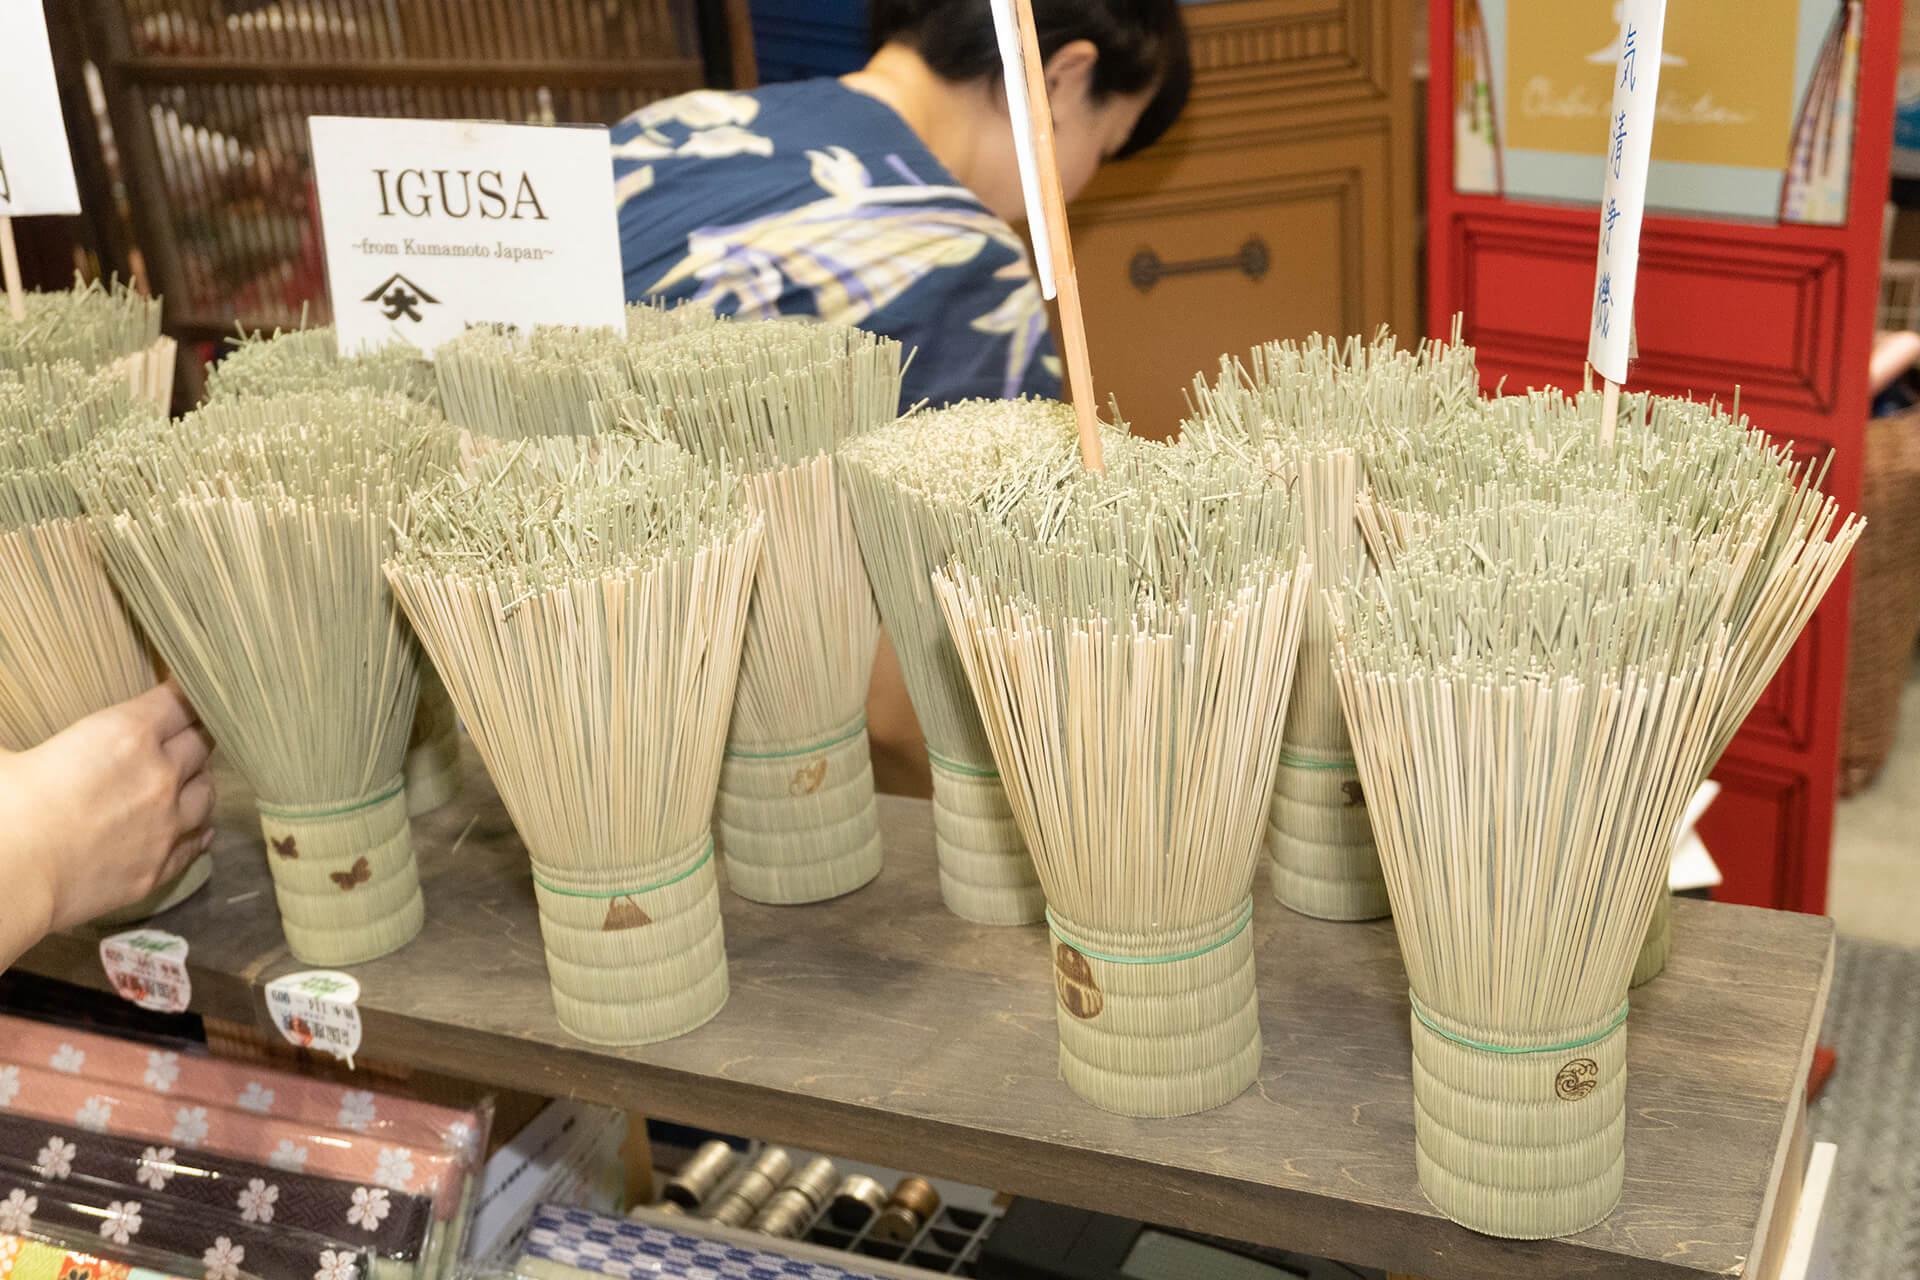 この写真はハンドメイドインジャパンにあった畳の消臭剤